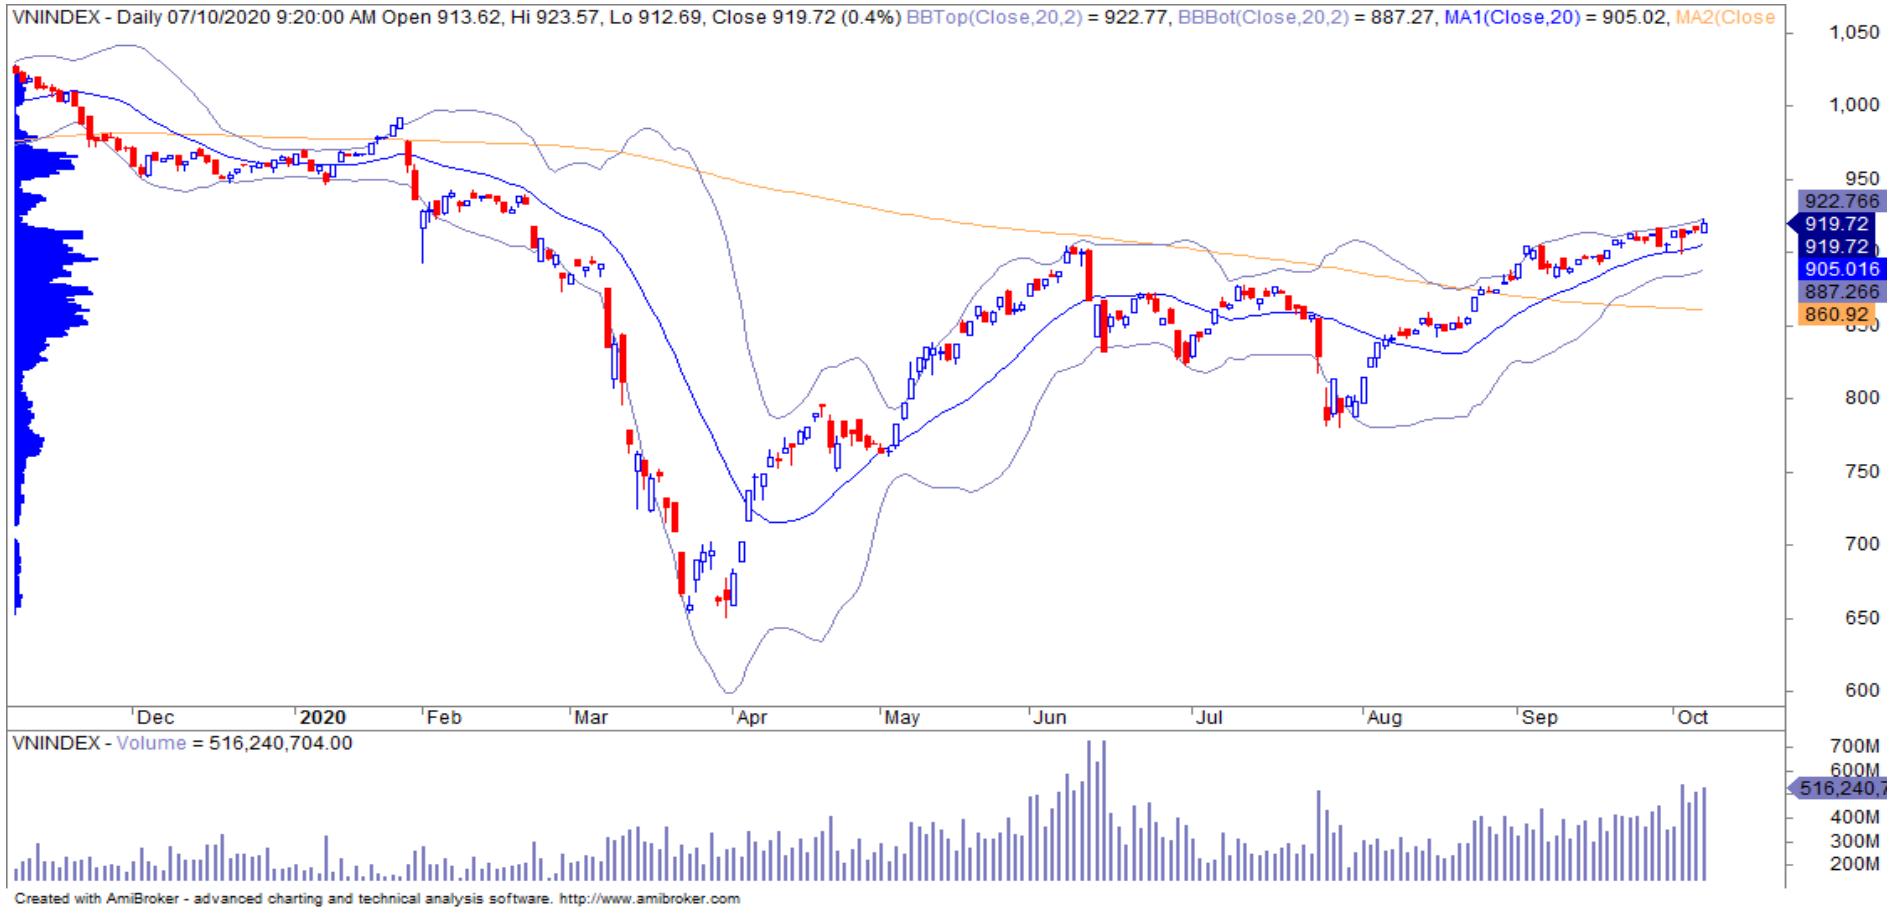 Nhận định thị trường chứng khoán ngày 8/10: Rủi ro gia tăng trước ngưỡng cản 920 điểm - Ảnh 1.